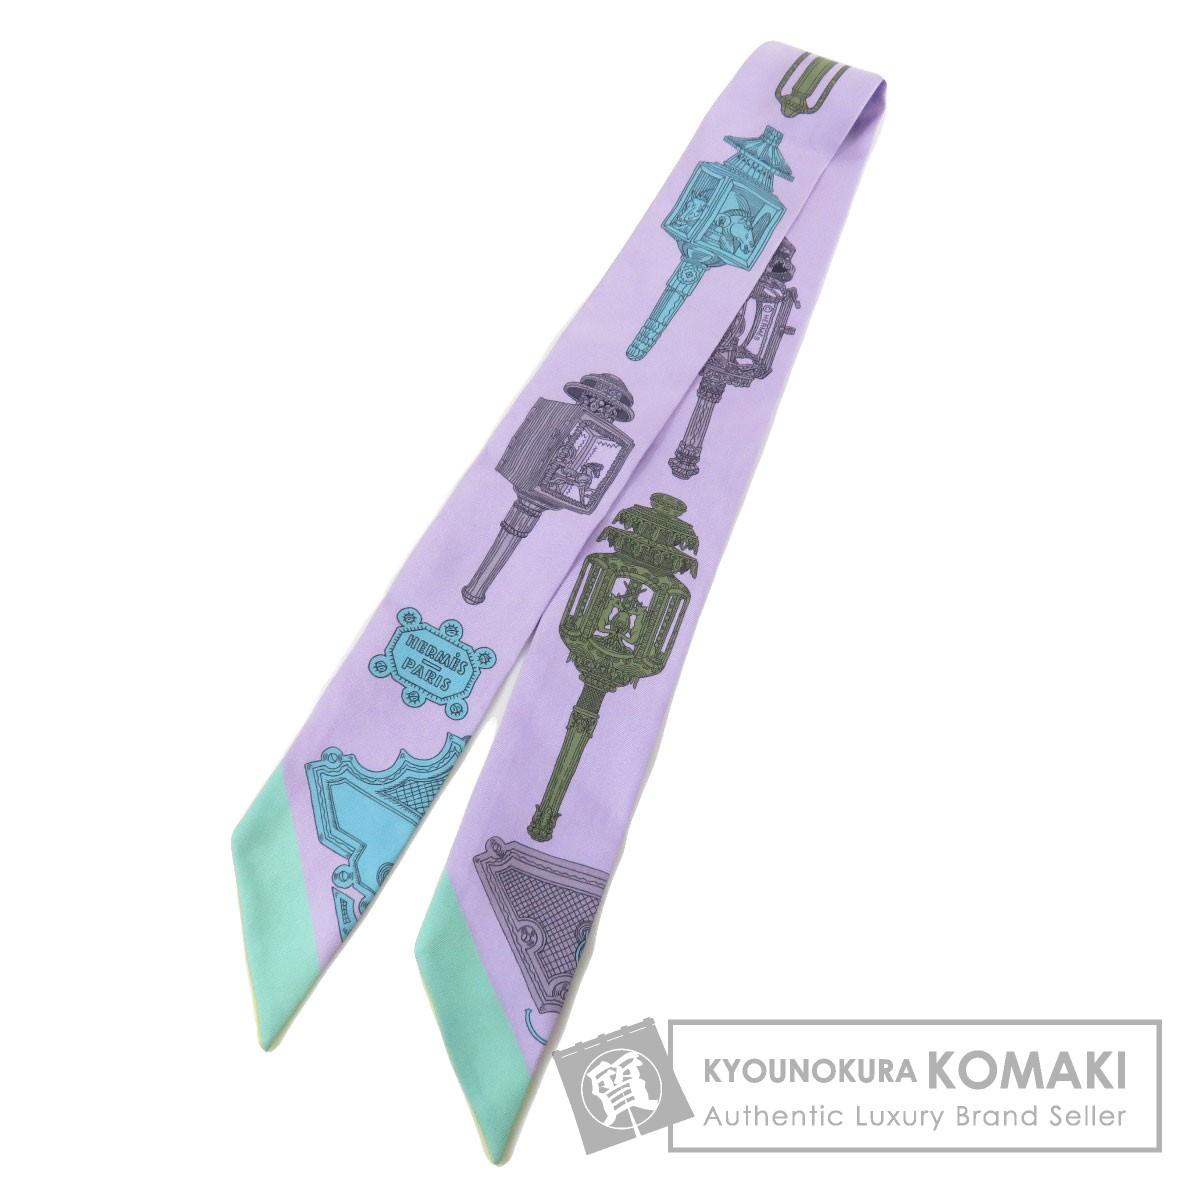 エルメス ツイリー スカーフ シルク レディース 【中古】【HERMES】